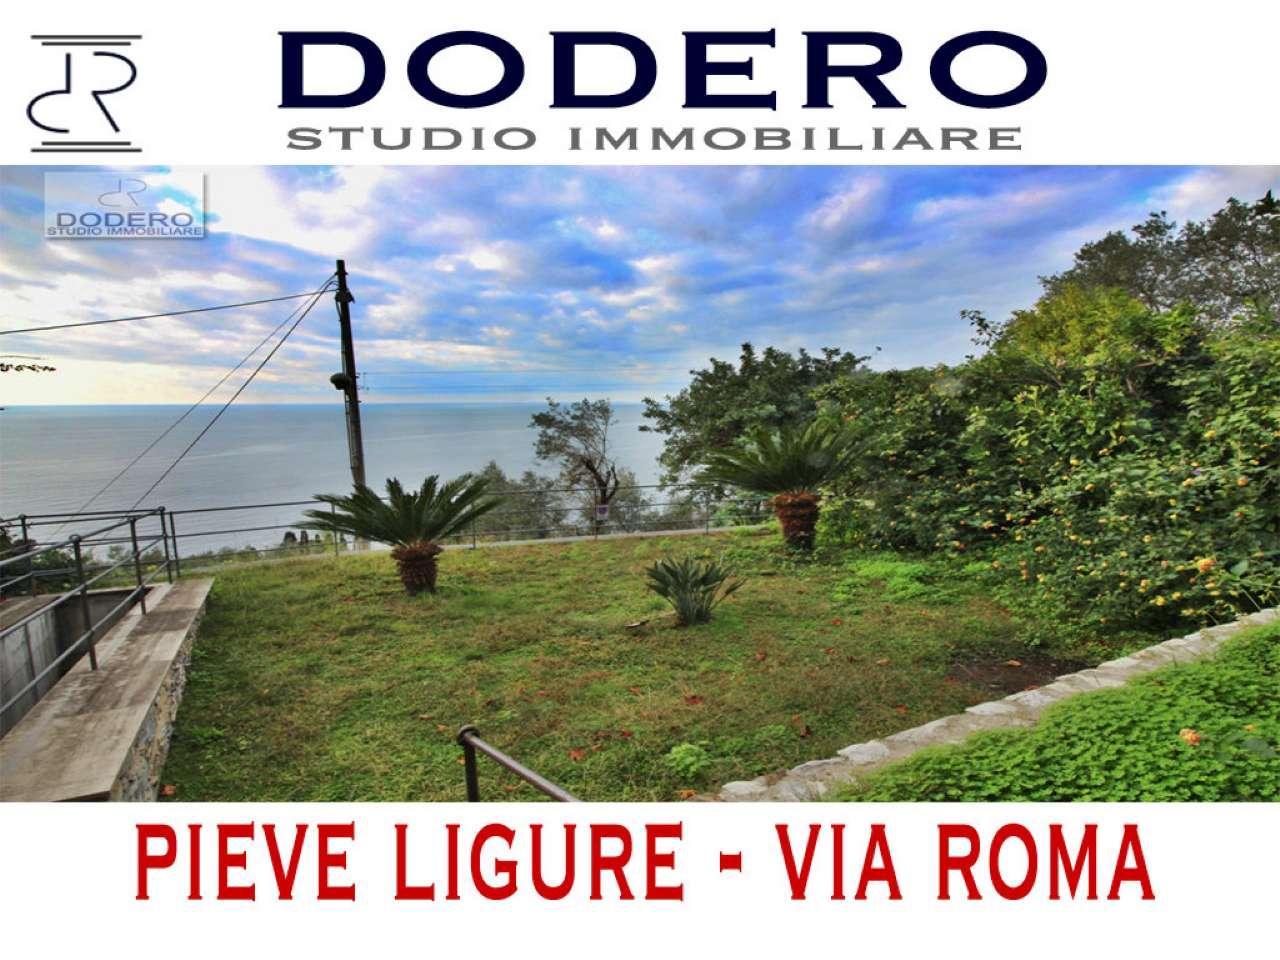 Appartamento in vendita a Pieve Ligure, 5 locali, prezzo € 270.000 | CambioCasa.it